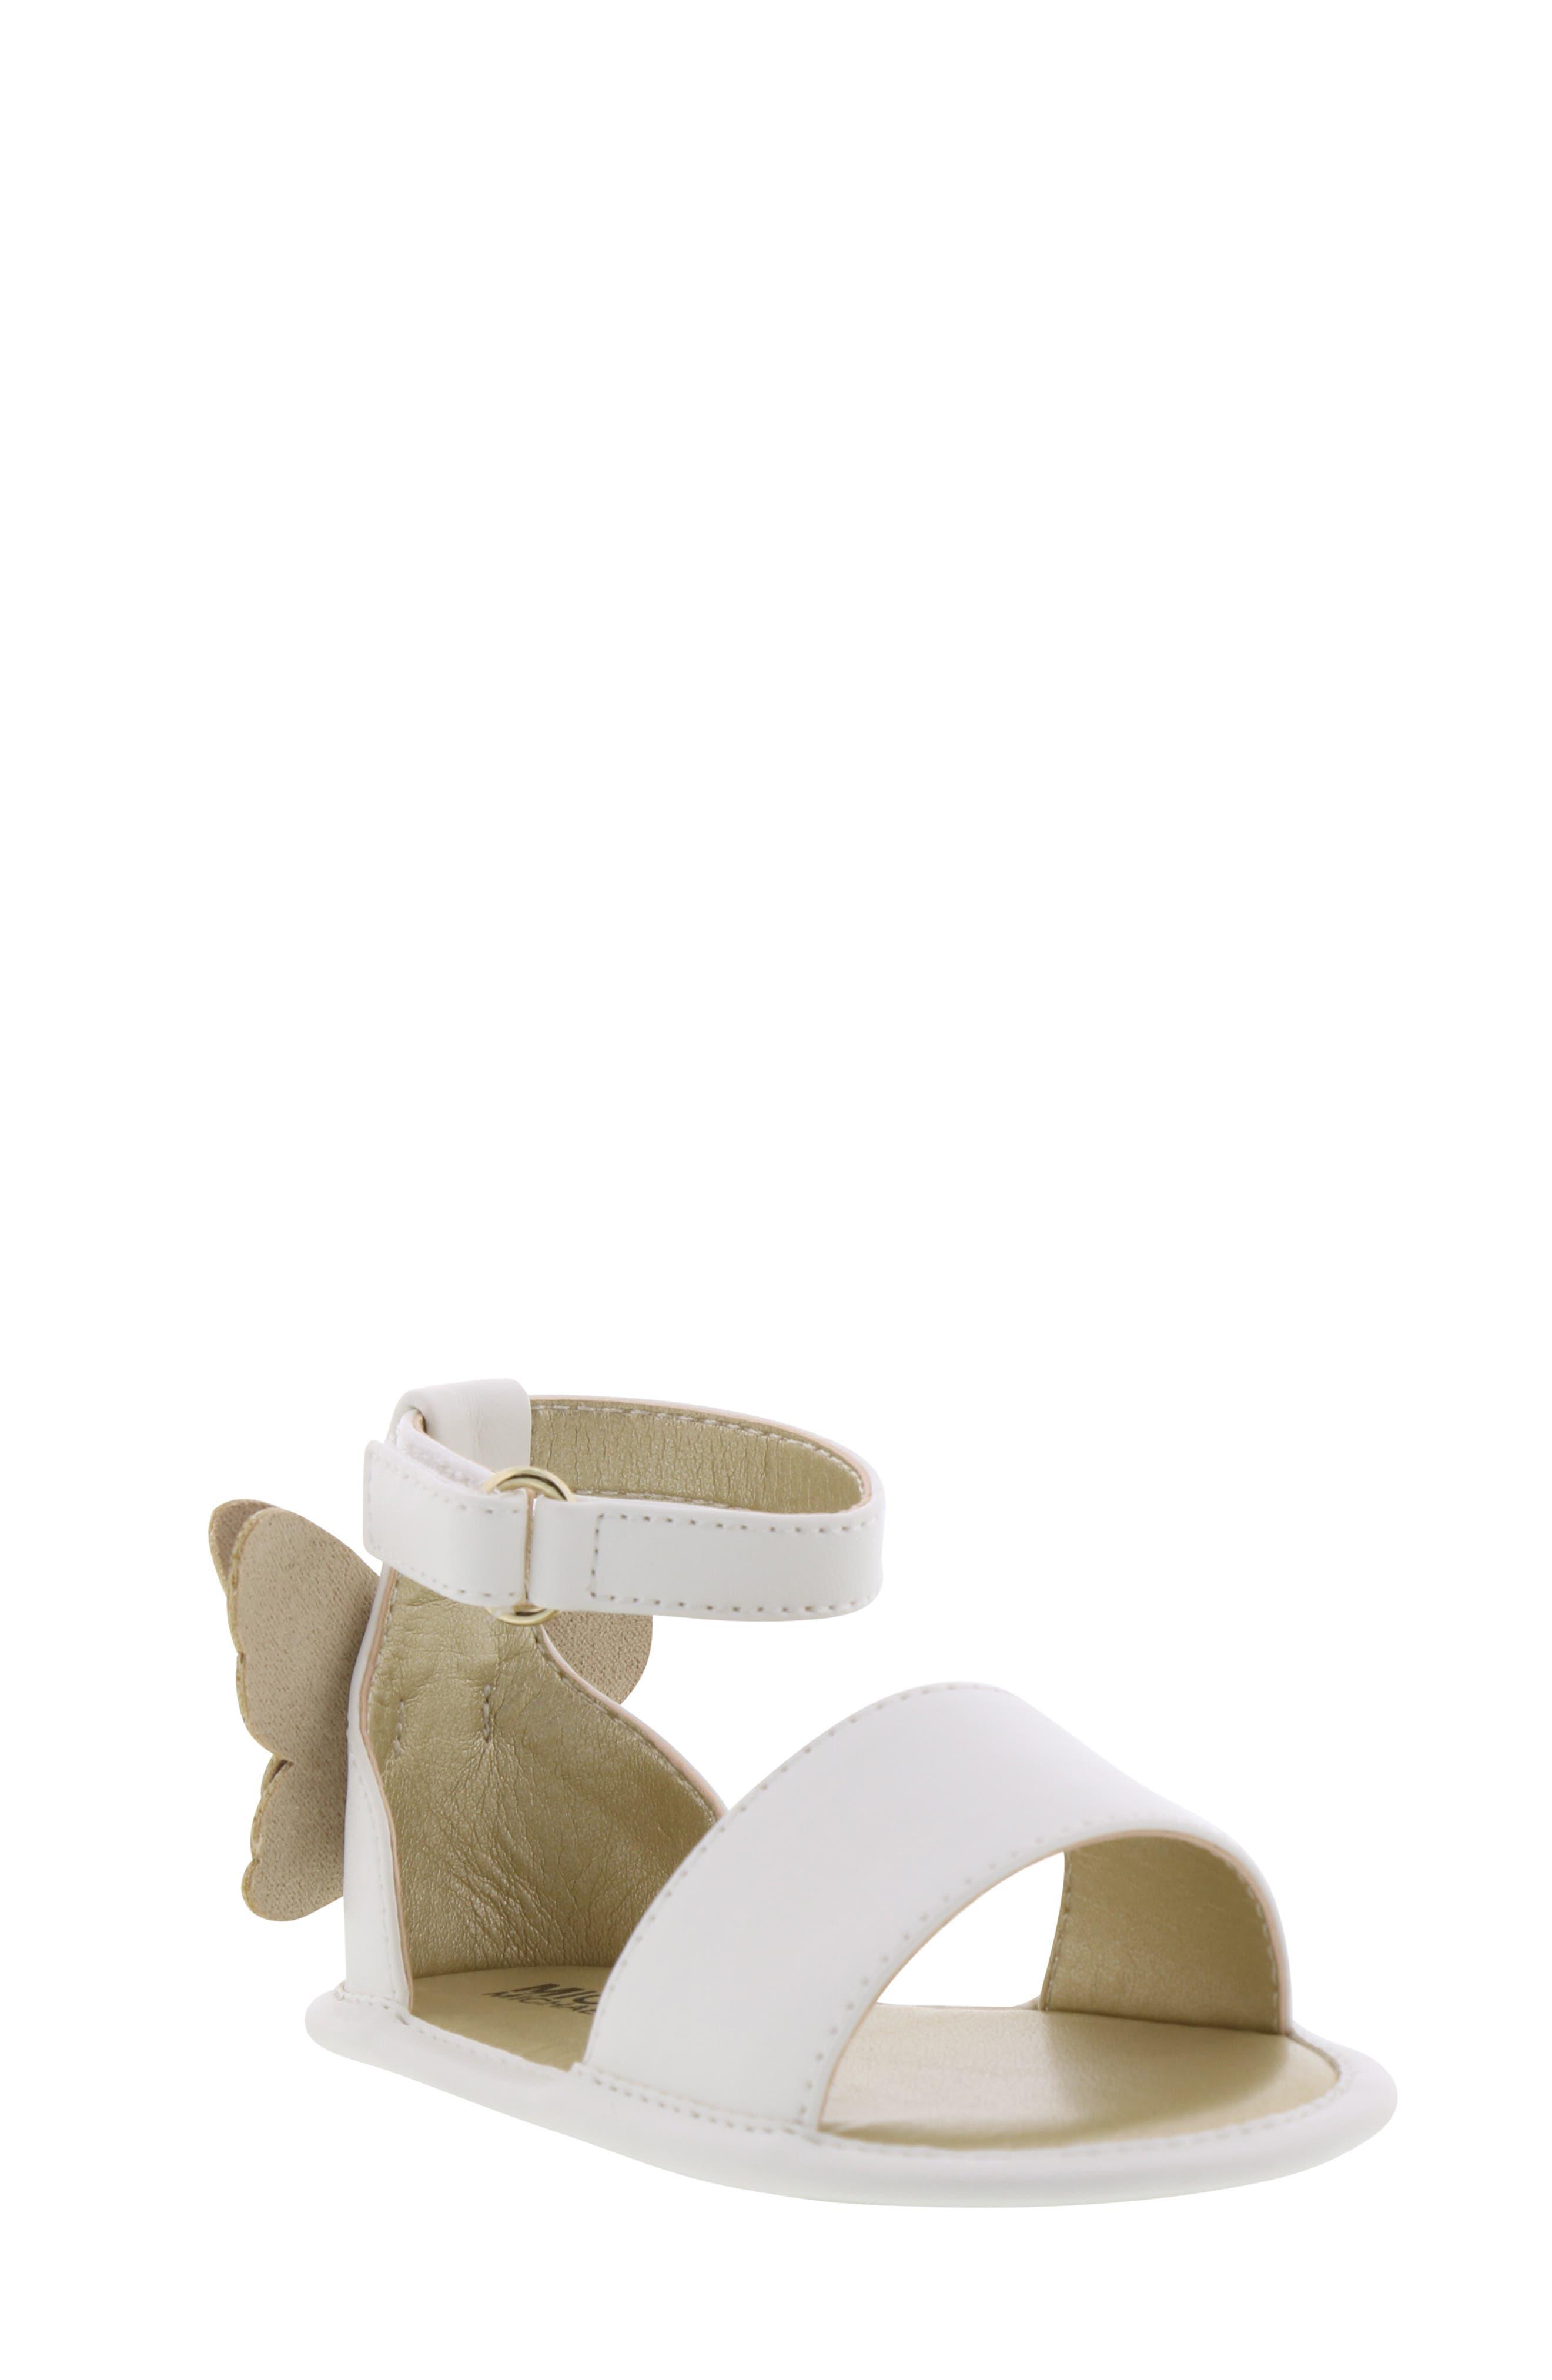 MICHAEL MICHAEL KORS, Tilly Sansa Glitter Sandal, Main thumbnail 1, color, WHITE